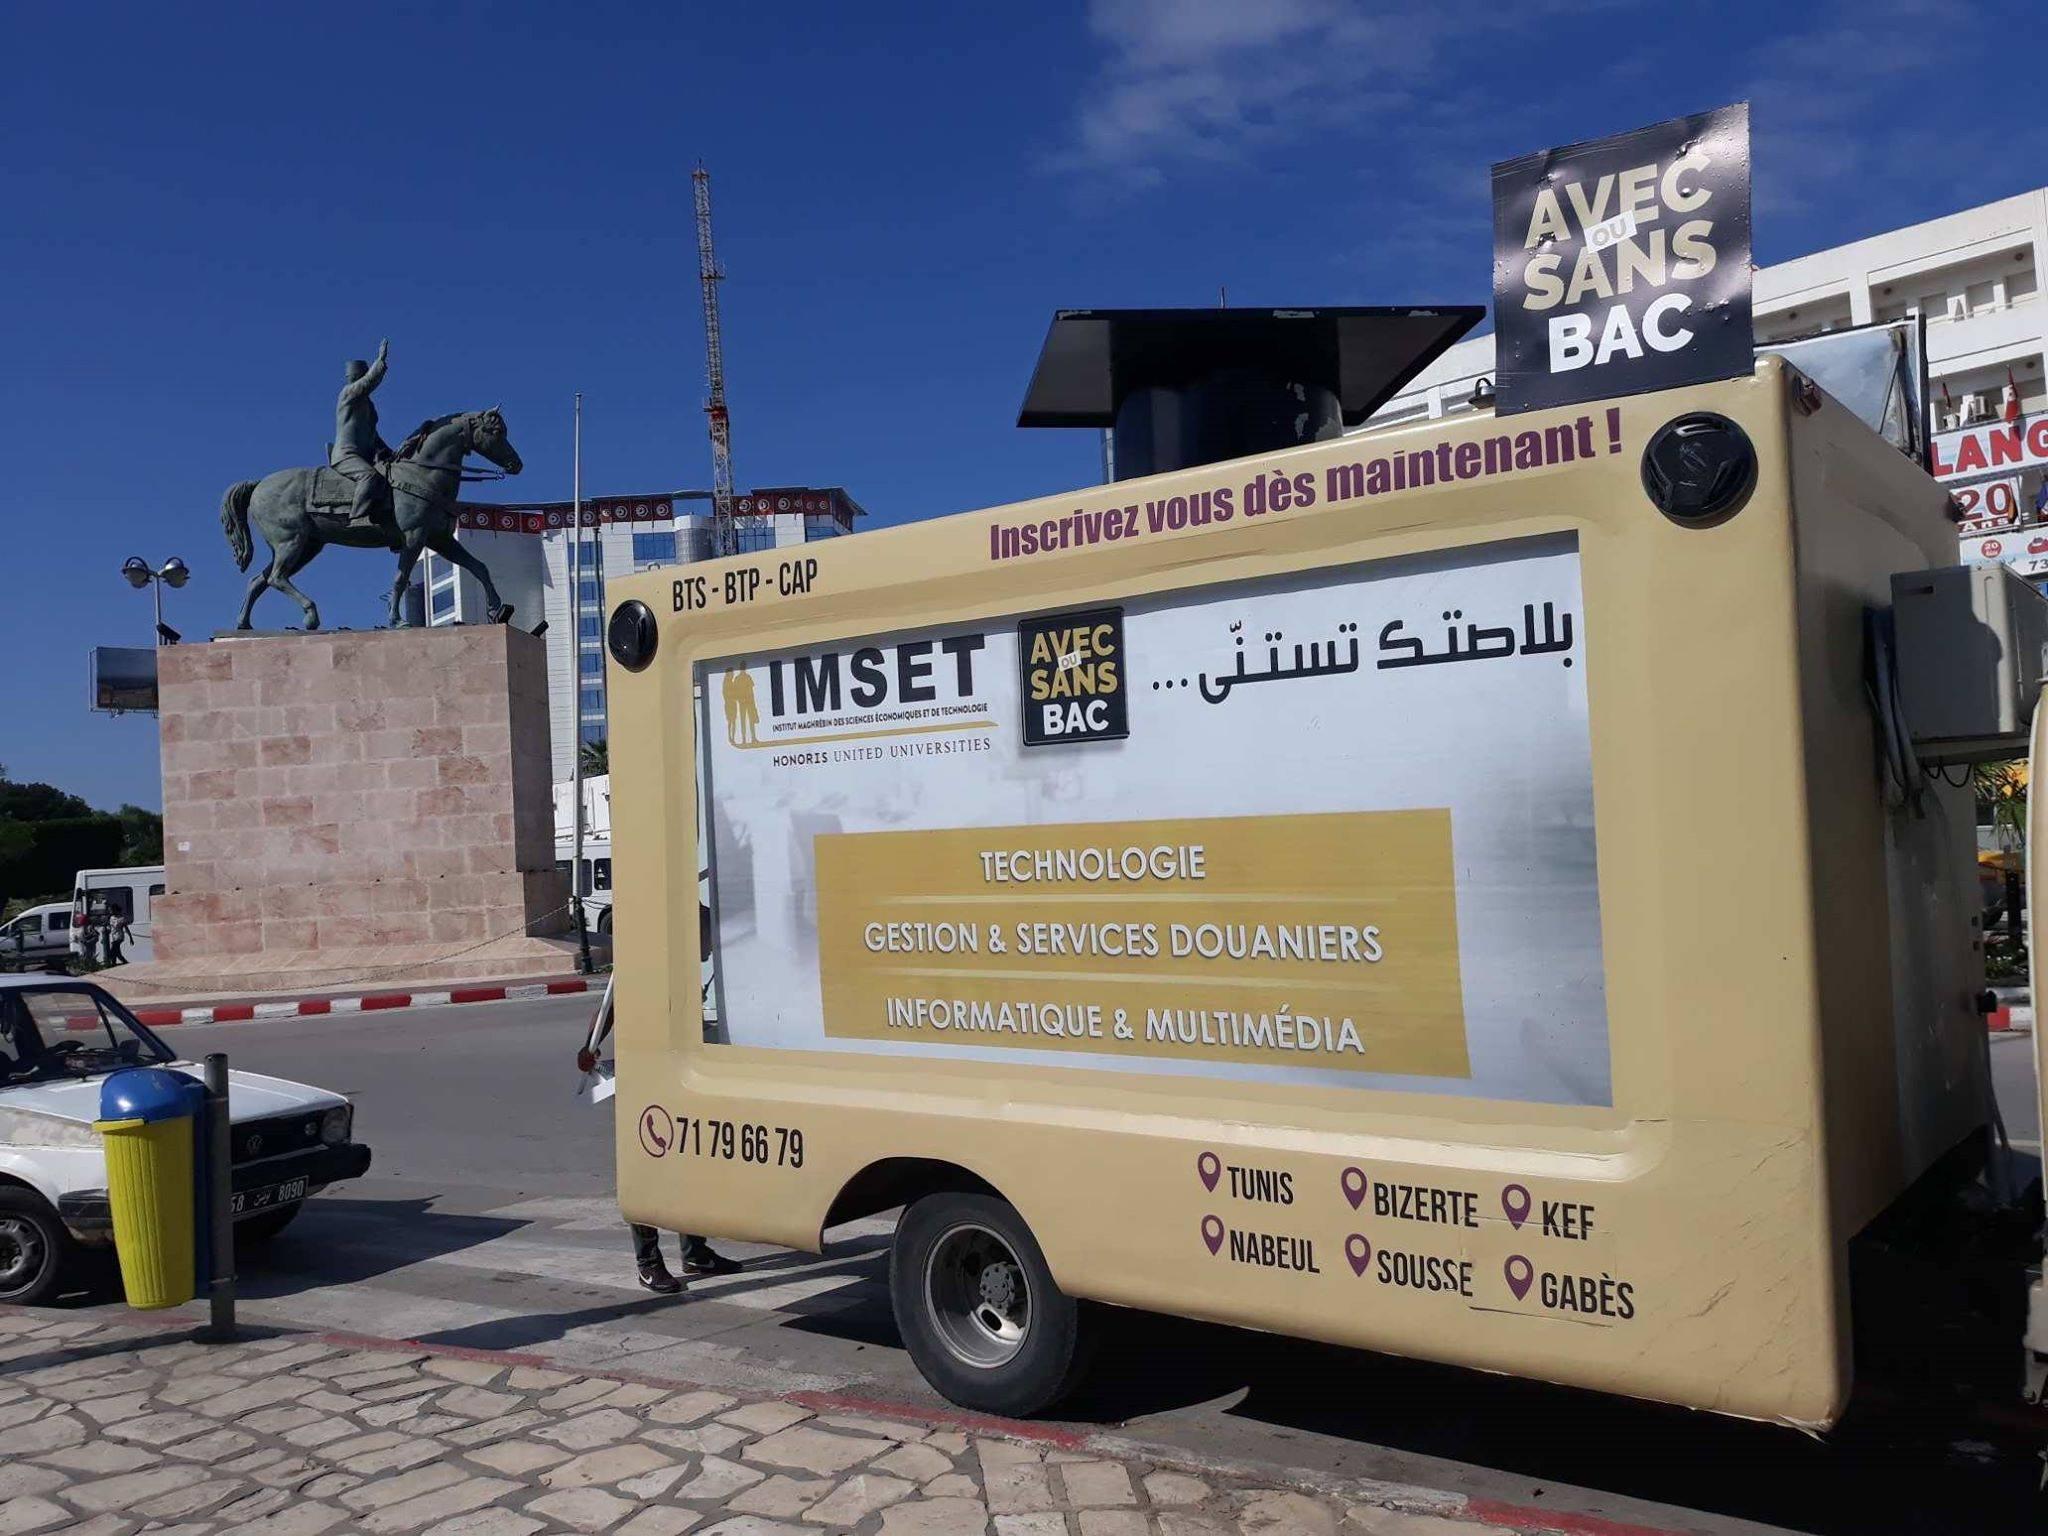 Hébergement imset formation professionnelle tunisie